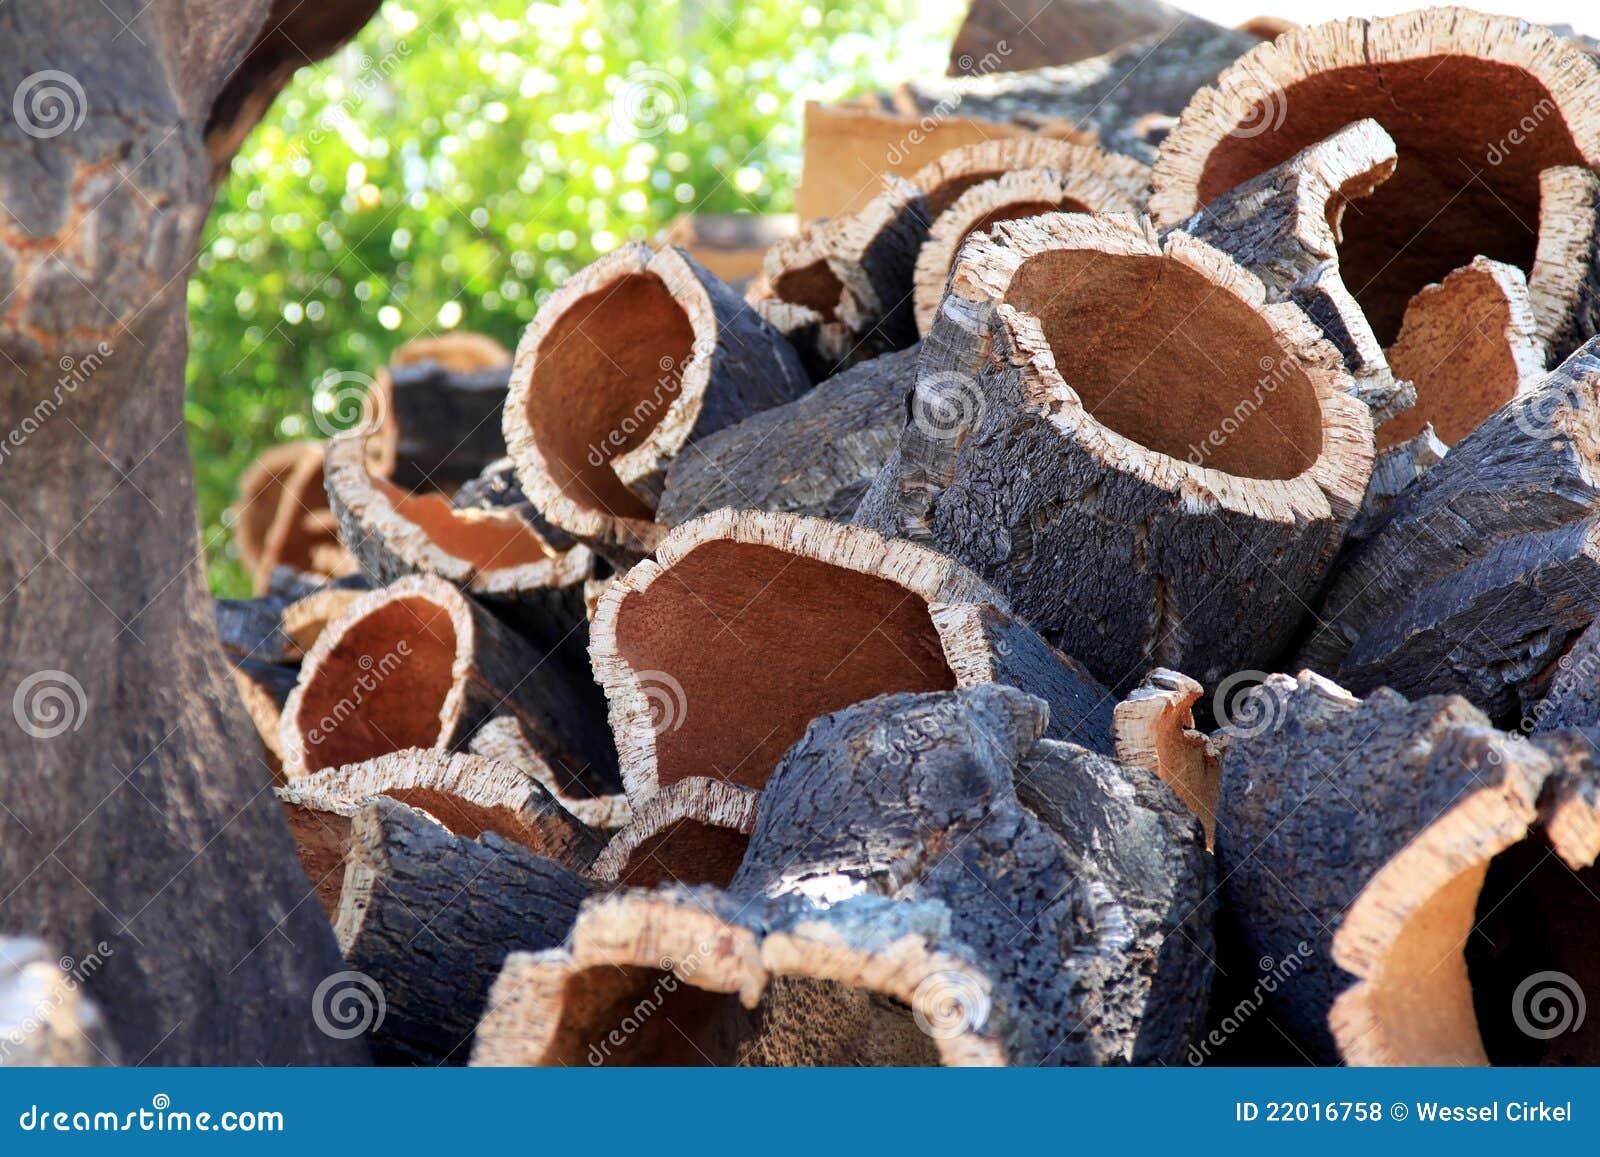 Stacked bark near cork oak in Alentejo, Portugal